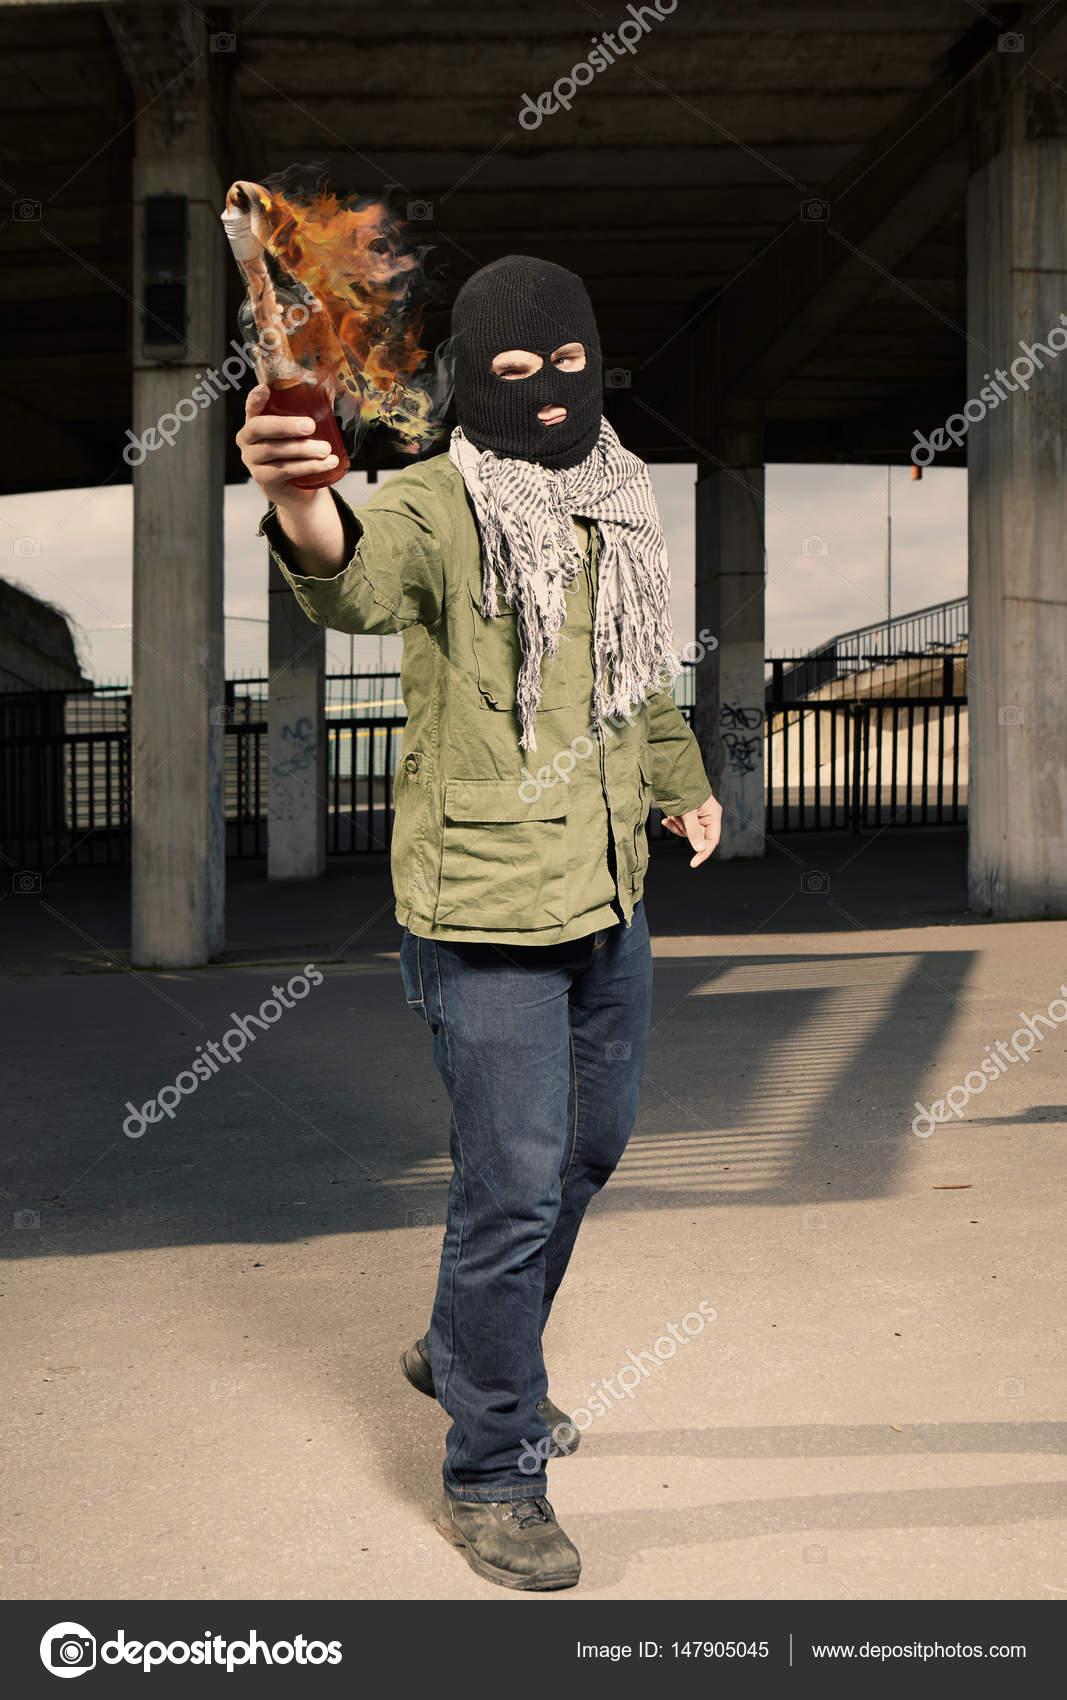 Bildergebnis für molotov cocktail werfen